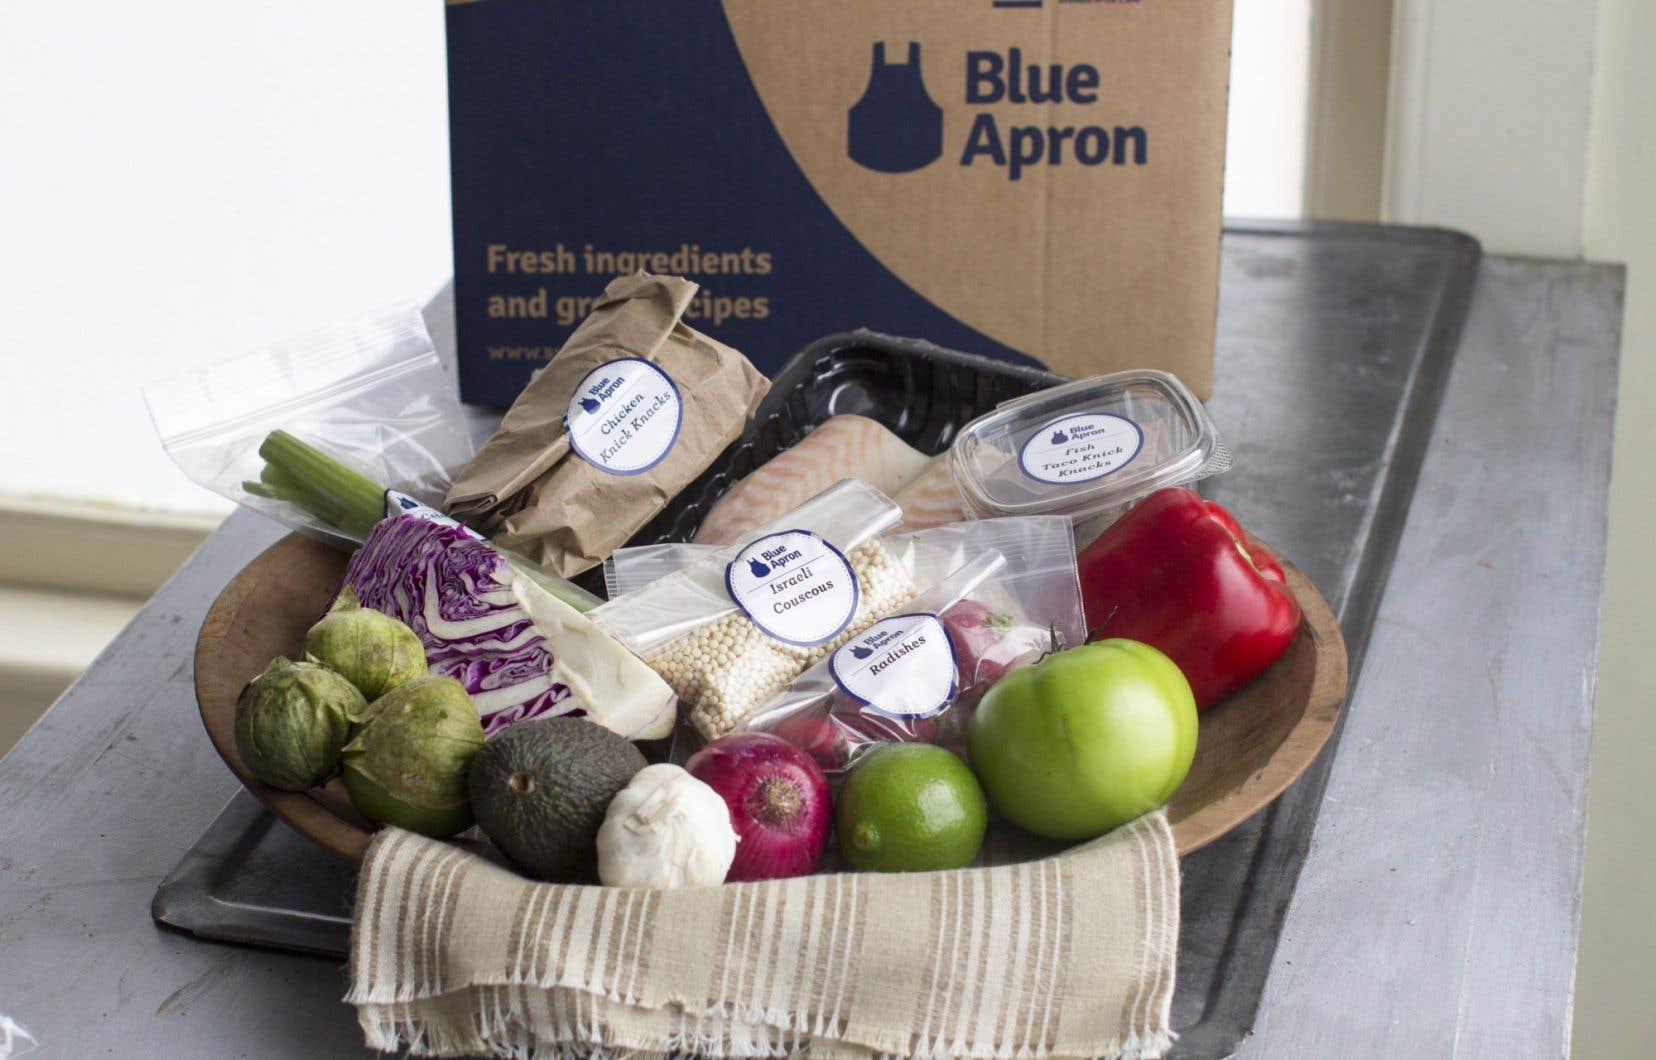 En faisant son entrée en Bourse ce jeudi, Blue Apron souhaite frapper un grand coup dans un marché très concurrentiel, où plusieurs compagnies jouent du coude.